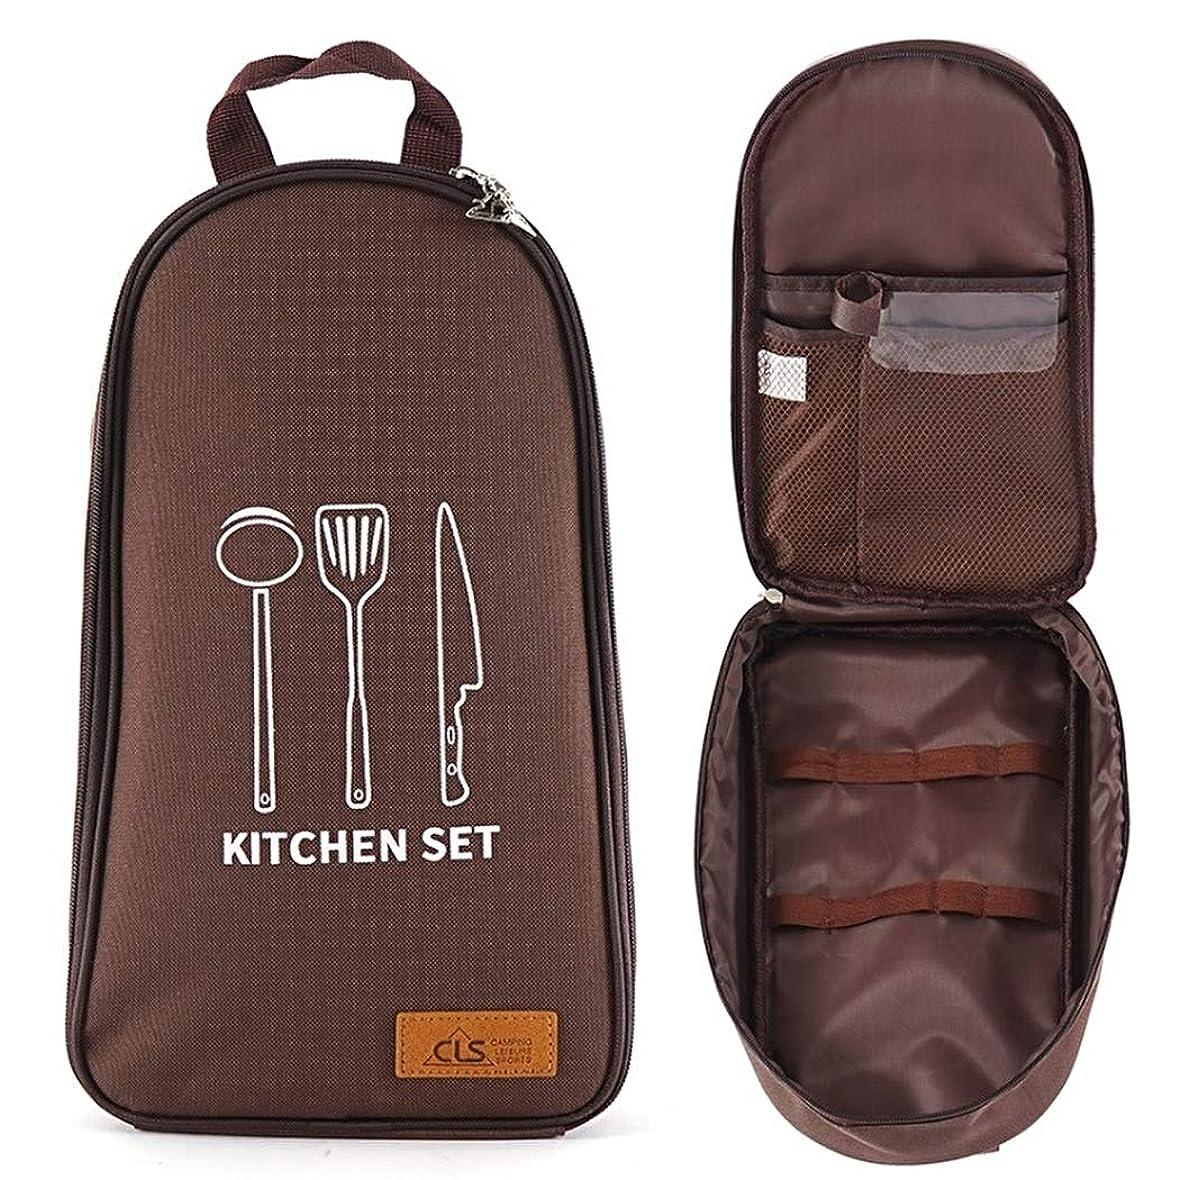 怒っているフライカイト全国[BEATONJAPAN] クッキングツール アウトドアキャンプ 調理器具 キッチンツール収納 ツールバッグ